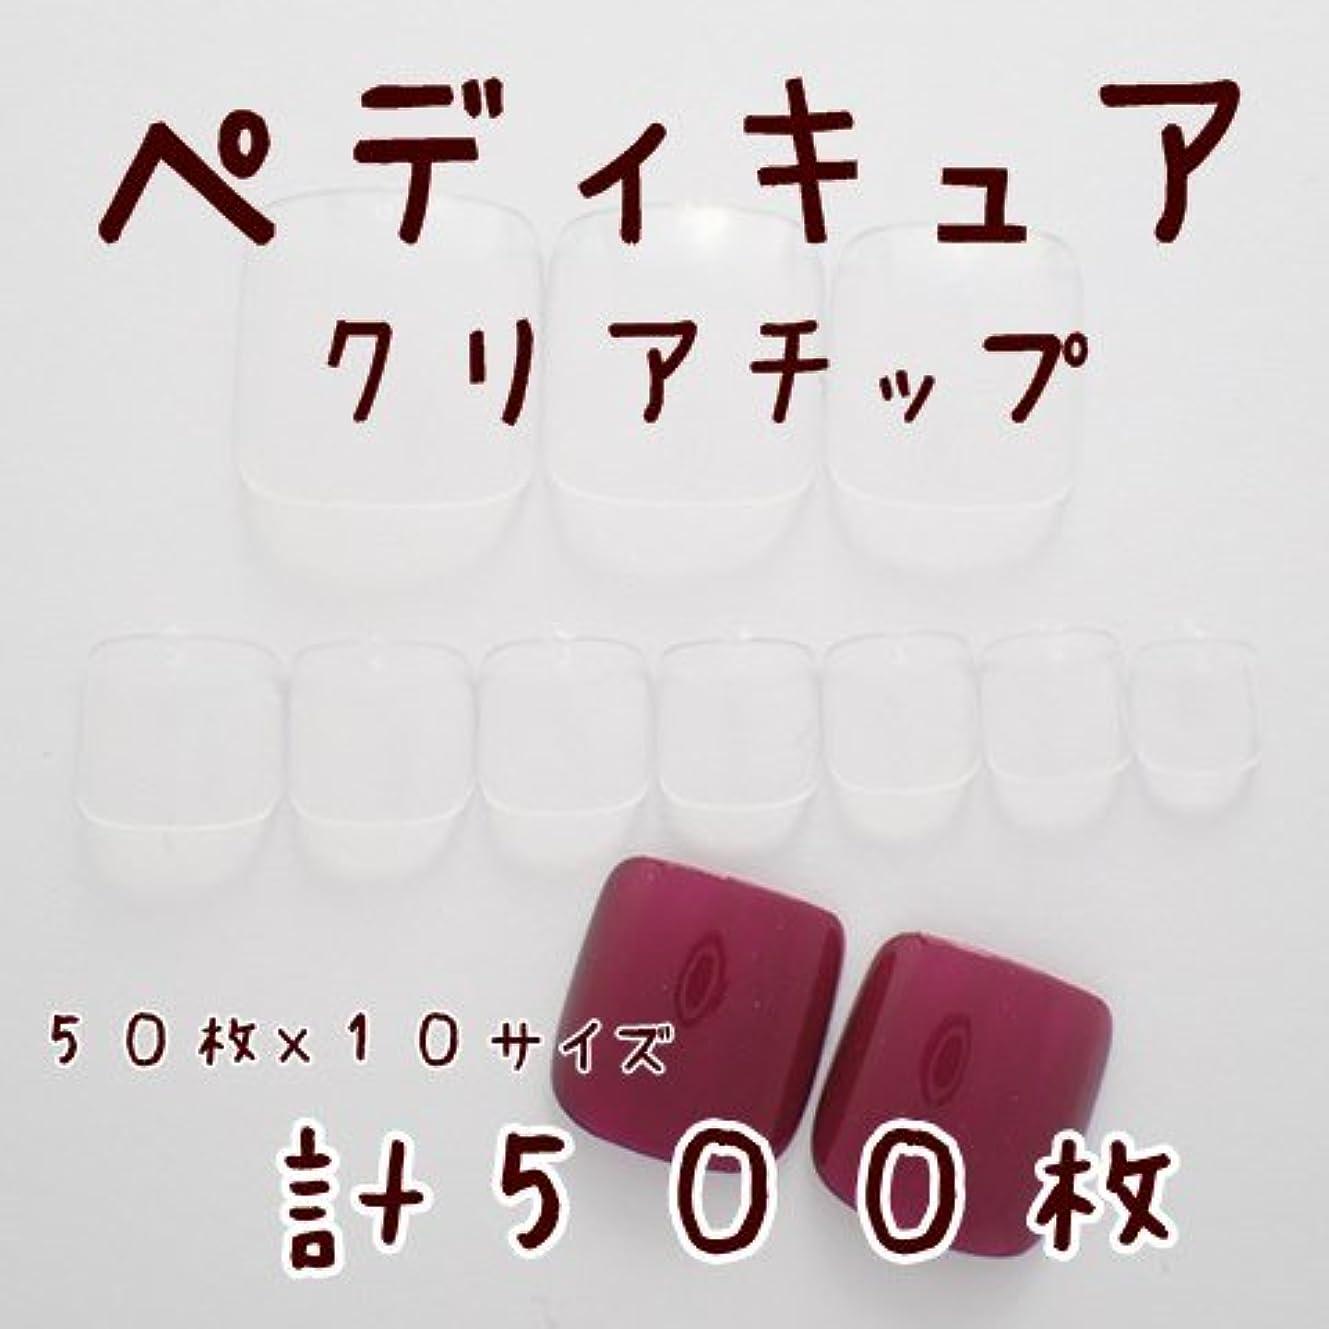 デイジー決済効率DINAネイル クリアネイルチップ【ペディキュア】50枚×10サイズ計500枚 ネイルチップ